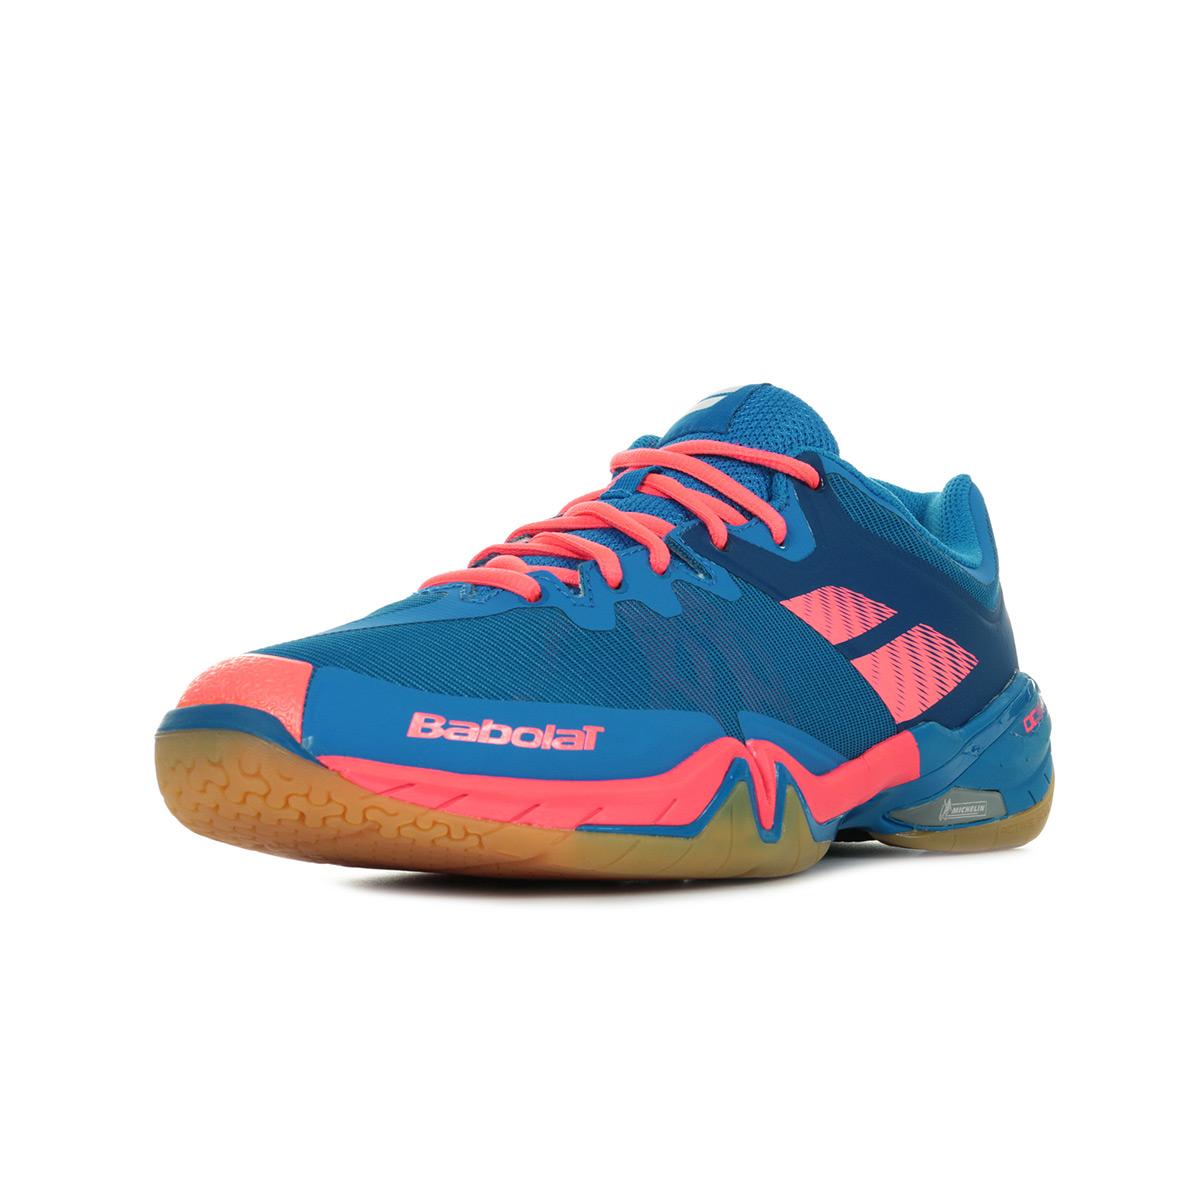 Taille Détails Tour Sur Homme Men Badminton Bleu Bleue Babolat Chaussures Shadow CBdrxtshQo